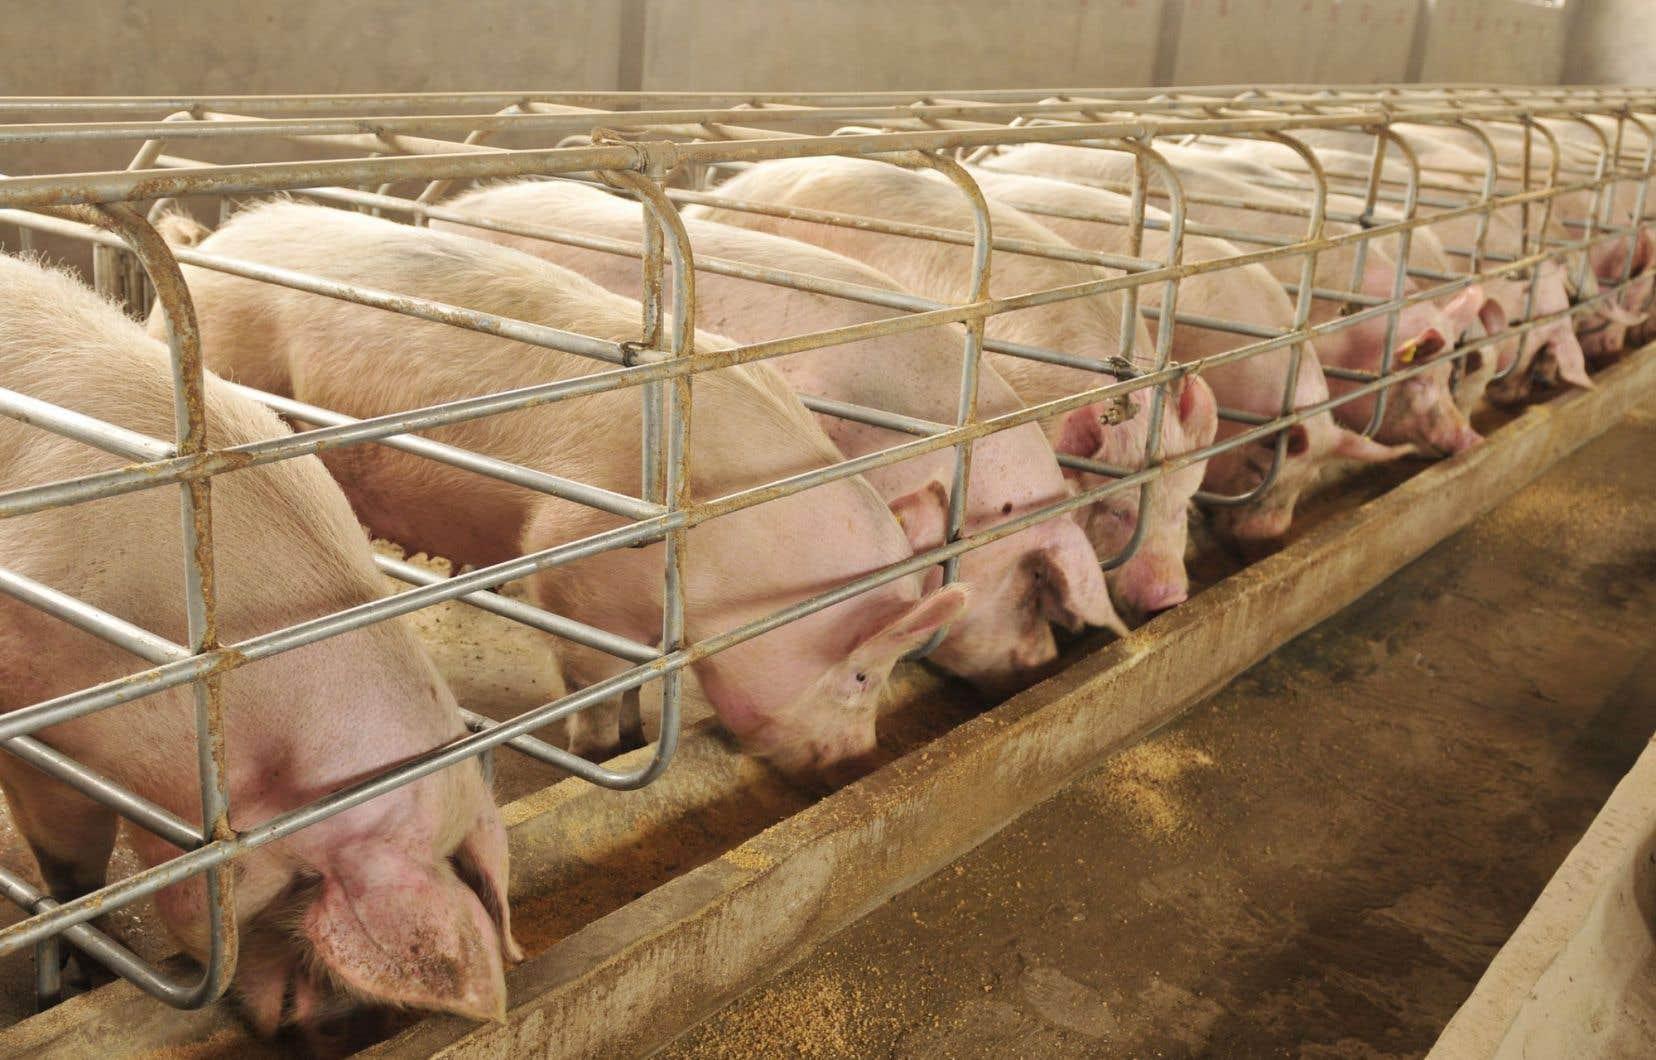 L'entente représente une bonne nouvelle pour les producteurs de porcs canadiens, qui verront leur quota d'exportation augmenter graduellement.